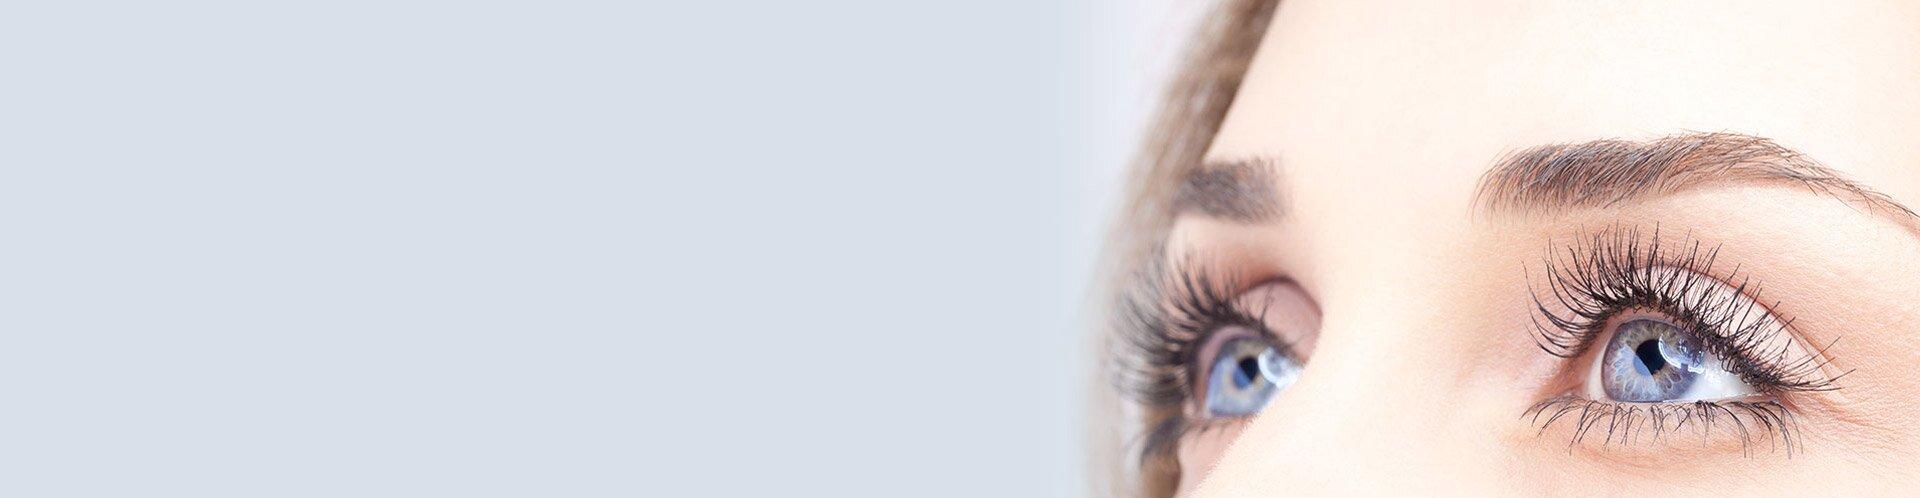 chirurgie esthétique yeux Versailles